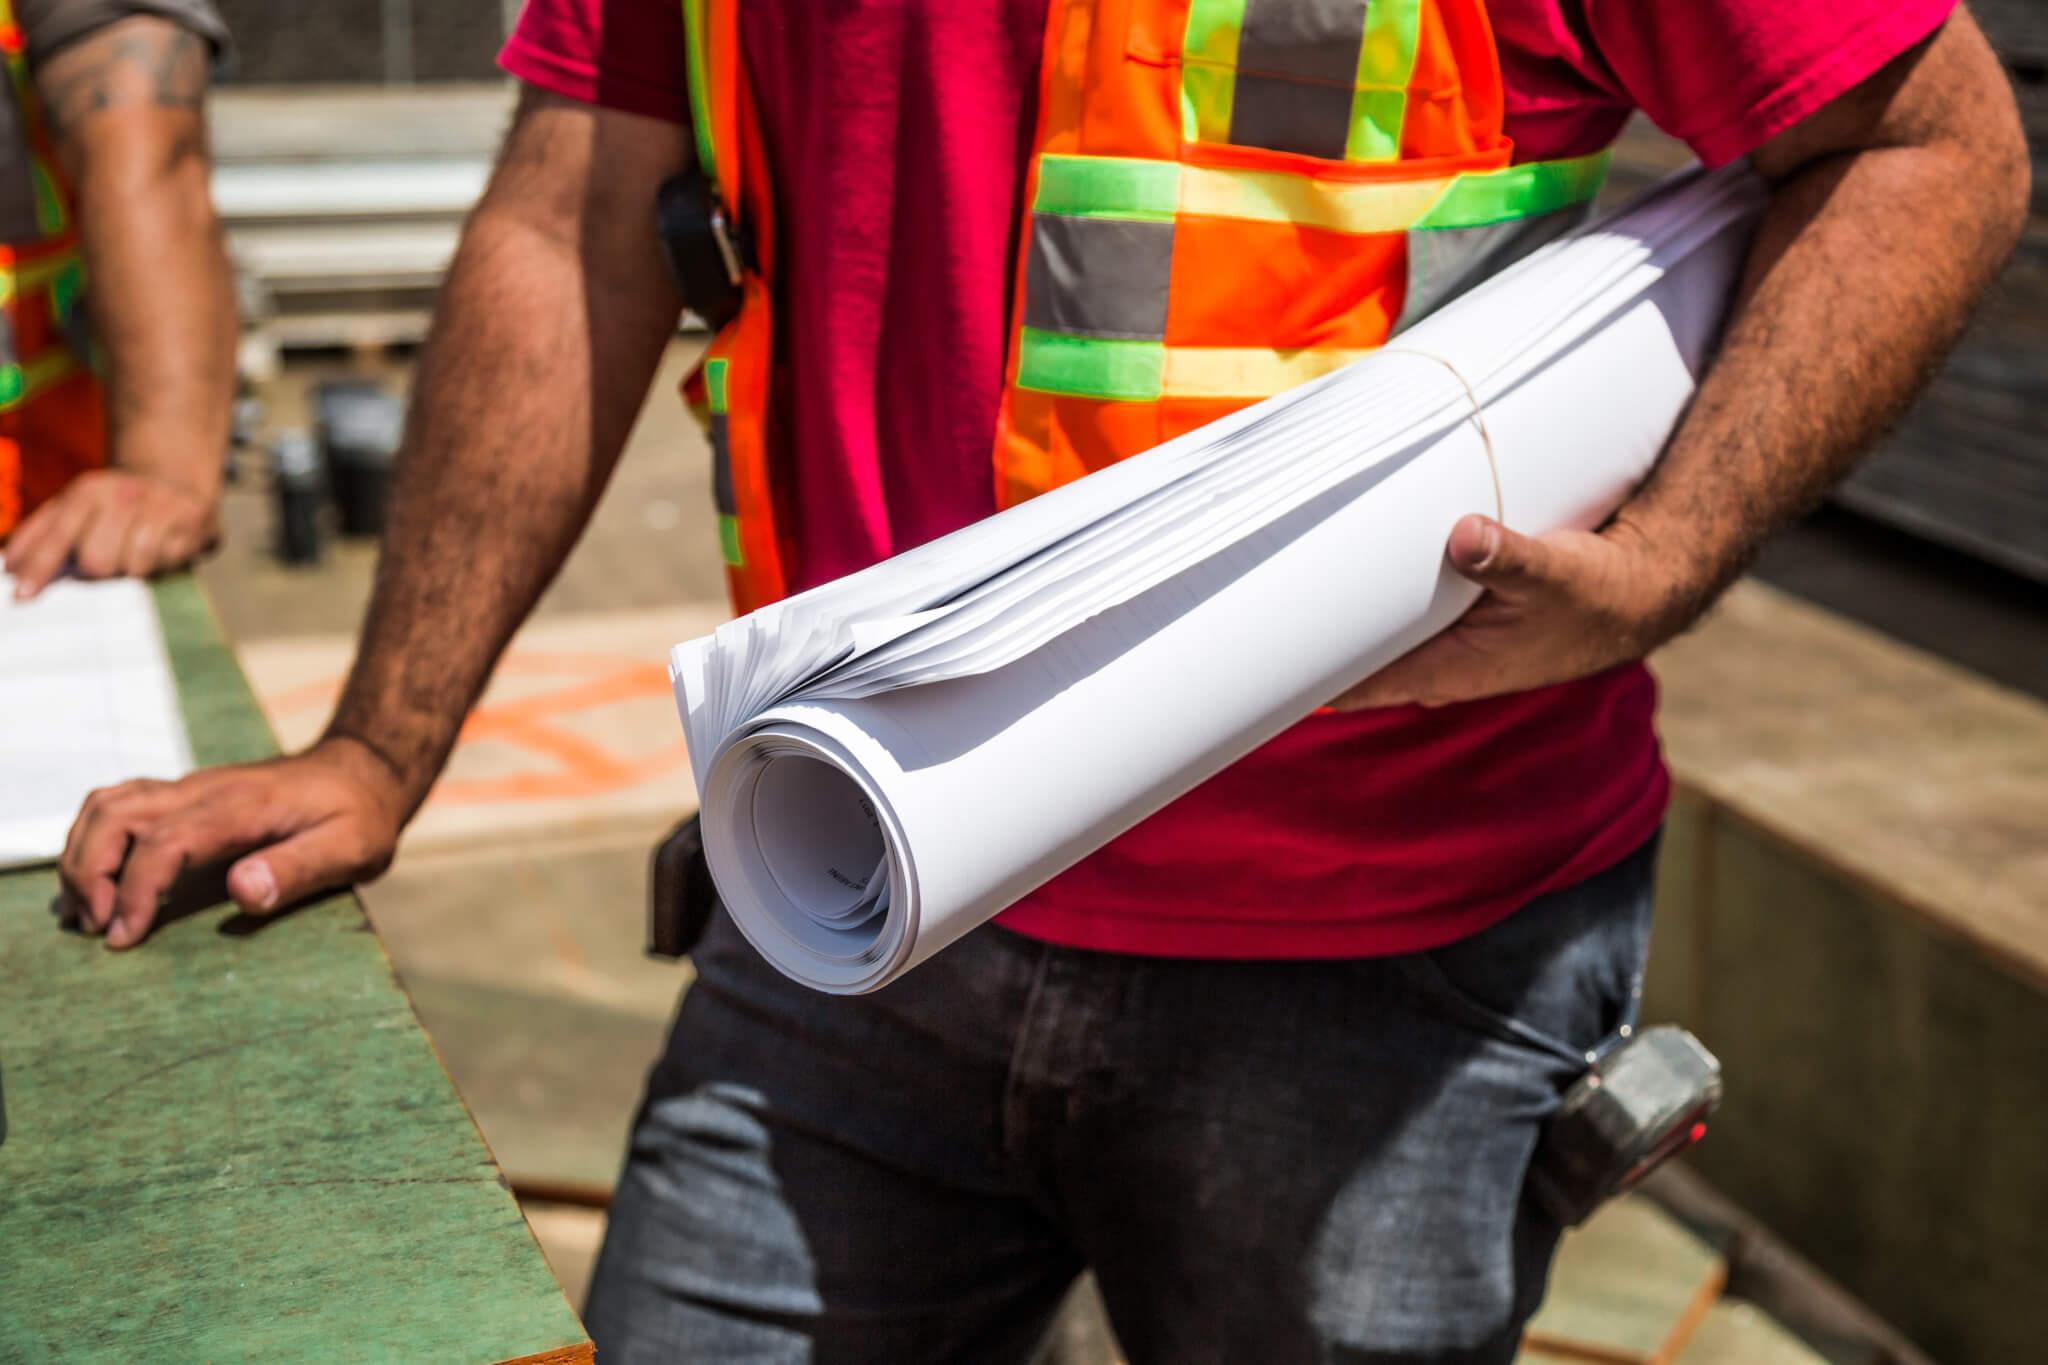 Construção civil  Principais Equipamentos de Proteção Individual Usados 4547427c89